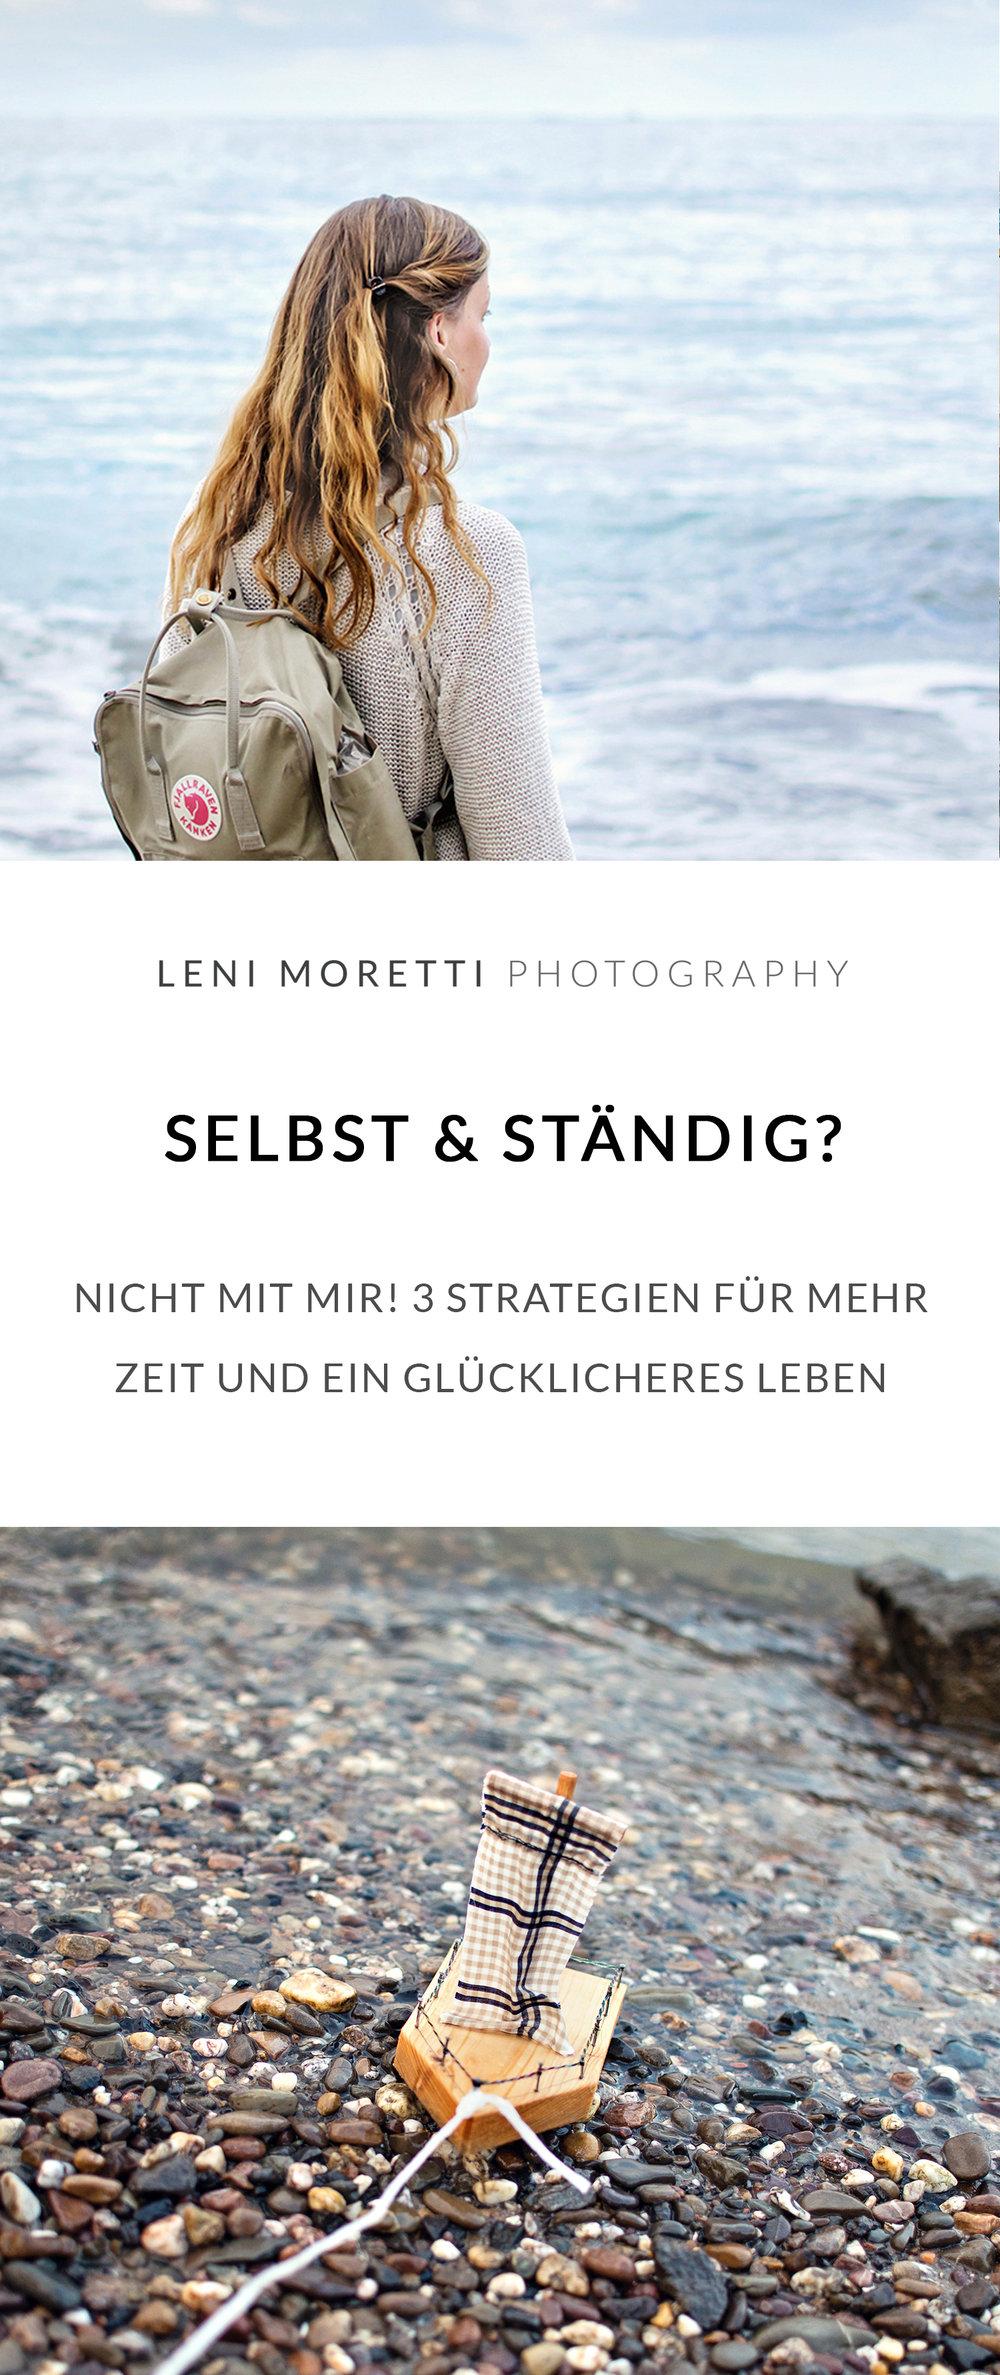 Selbstständig als Fotograf © lenimoretti.com    Merke Dir diesen Artikel auf Pinterest!